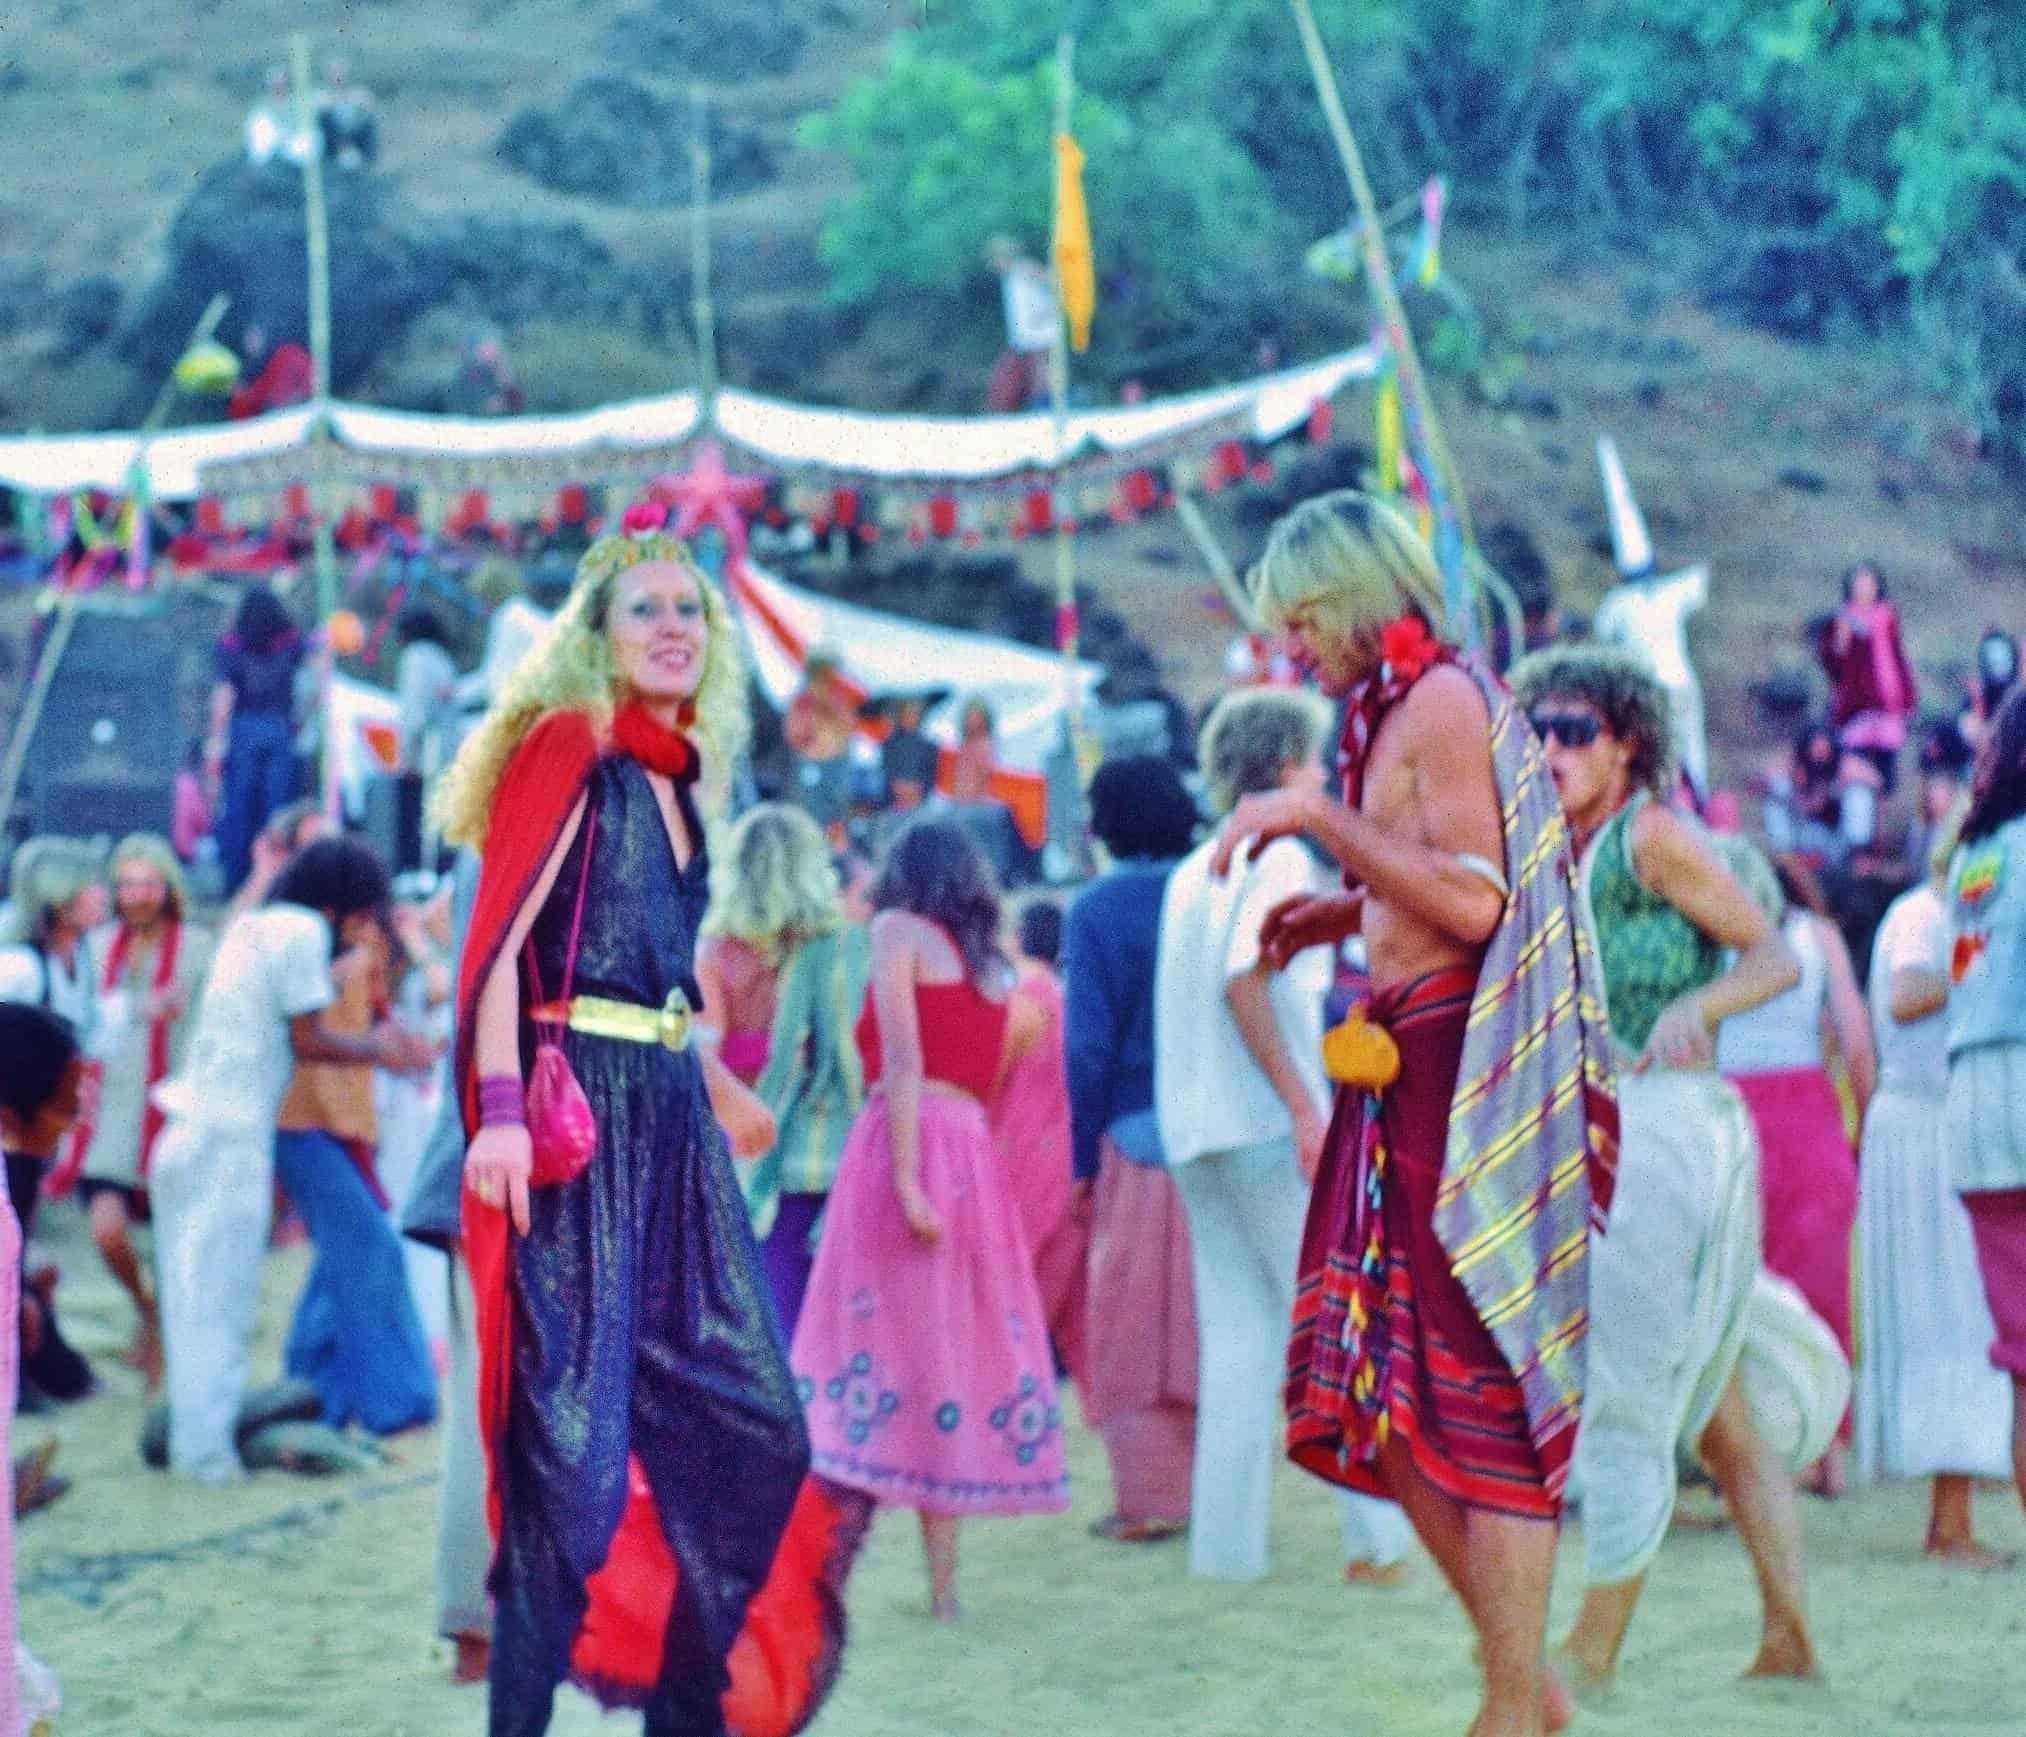 Танцы на песке в Anjuna Beach. 1970е (Photo by Sunny Schneider).